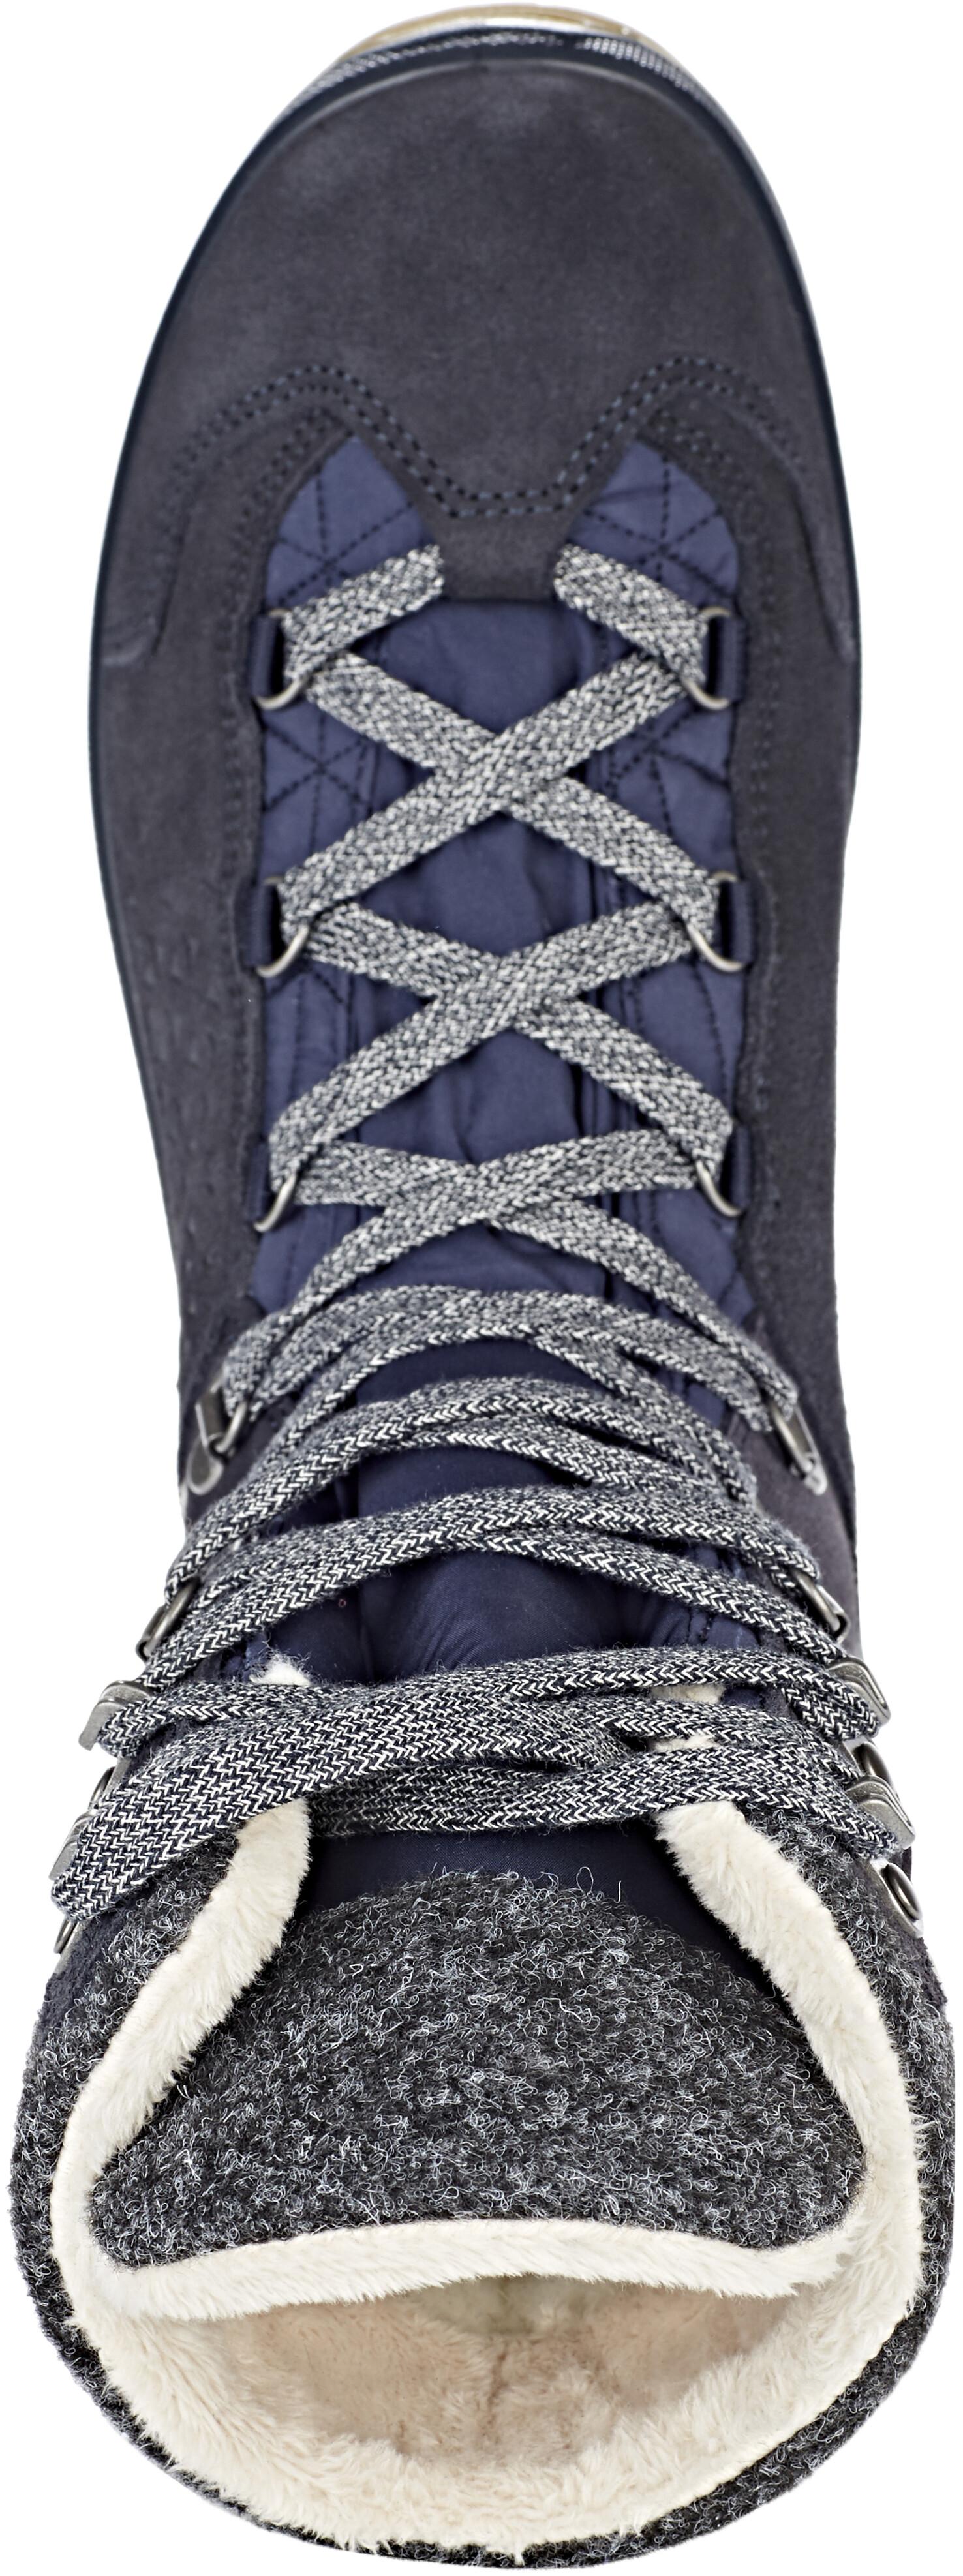 518be3e8b12a5e Lowa Barina II GTX Boots Women blue at Addnature.co.uk